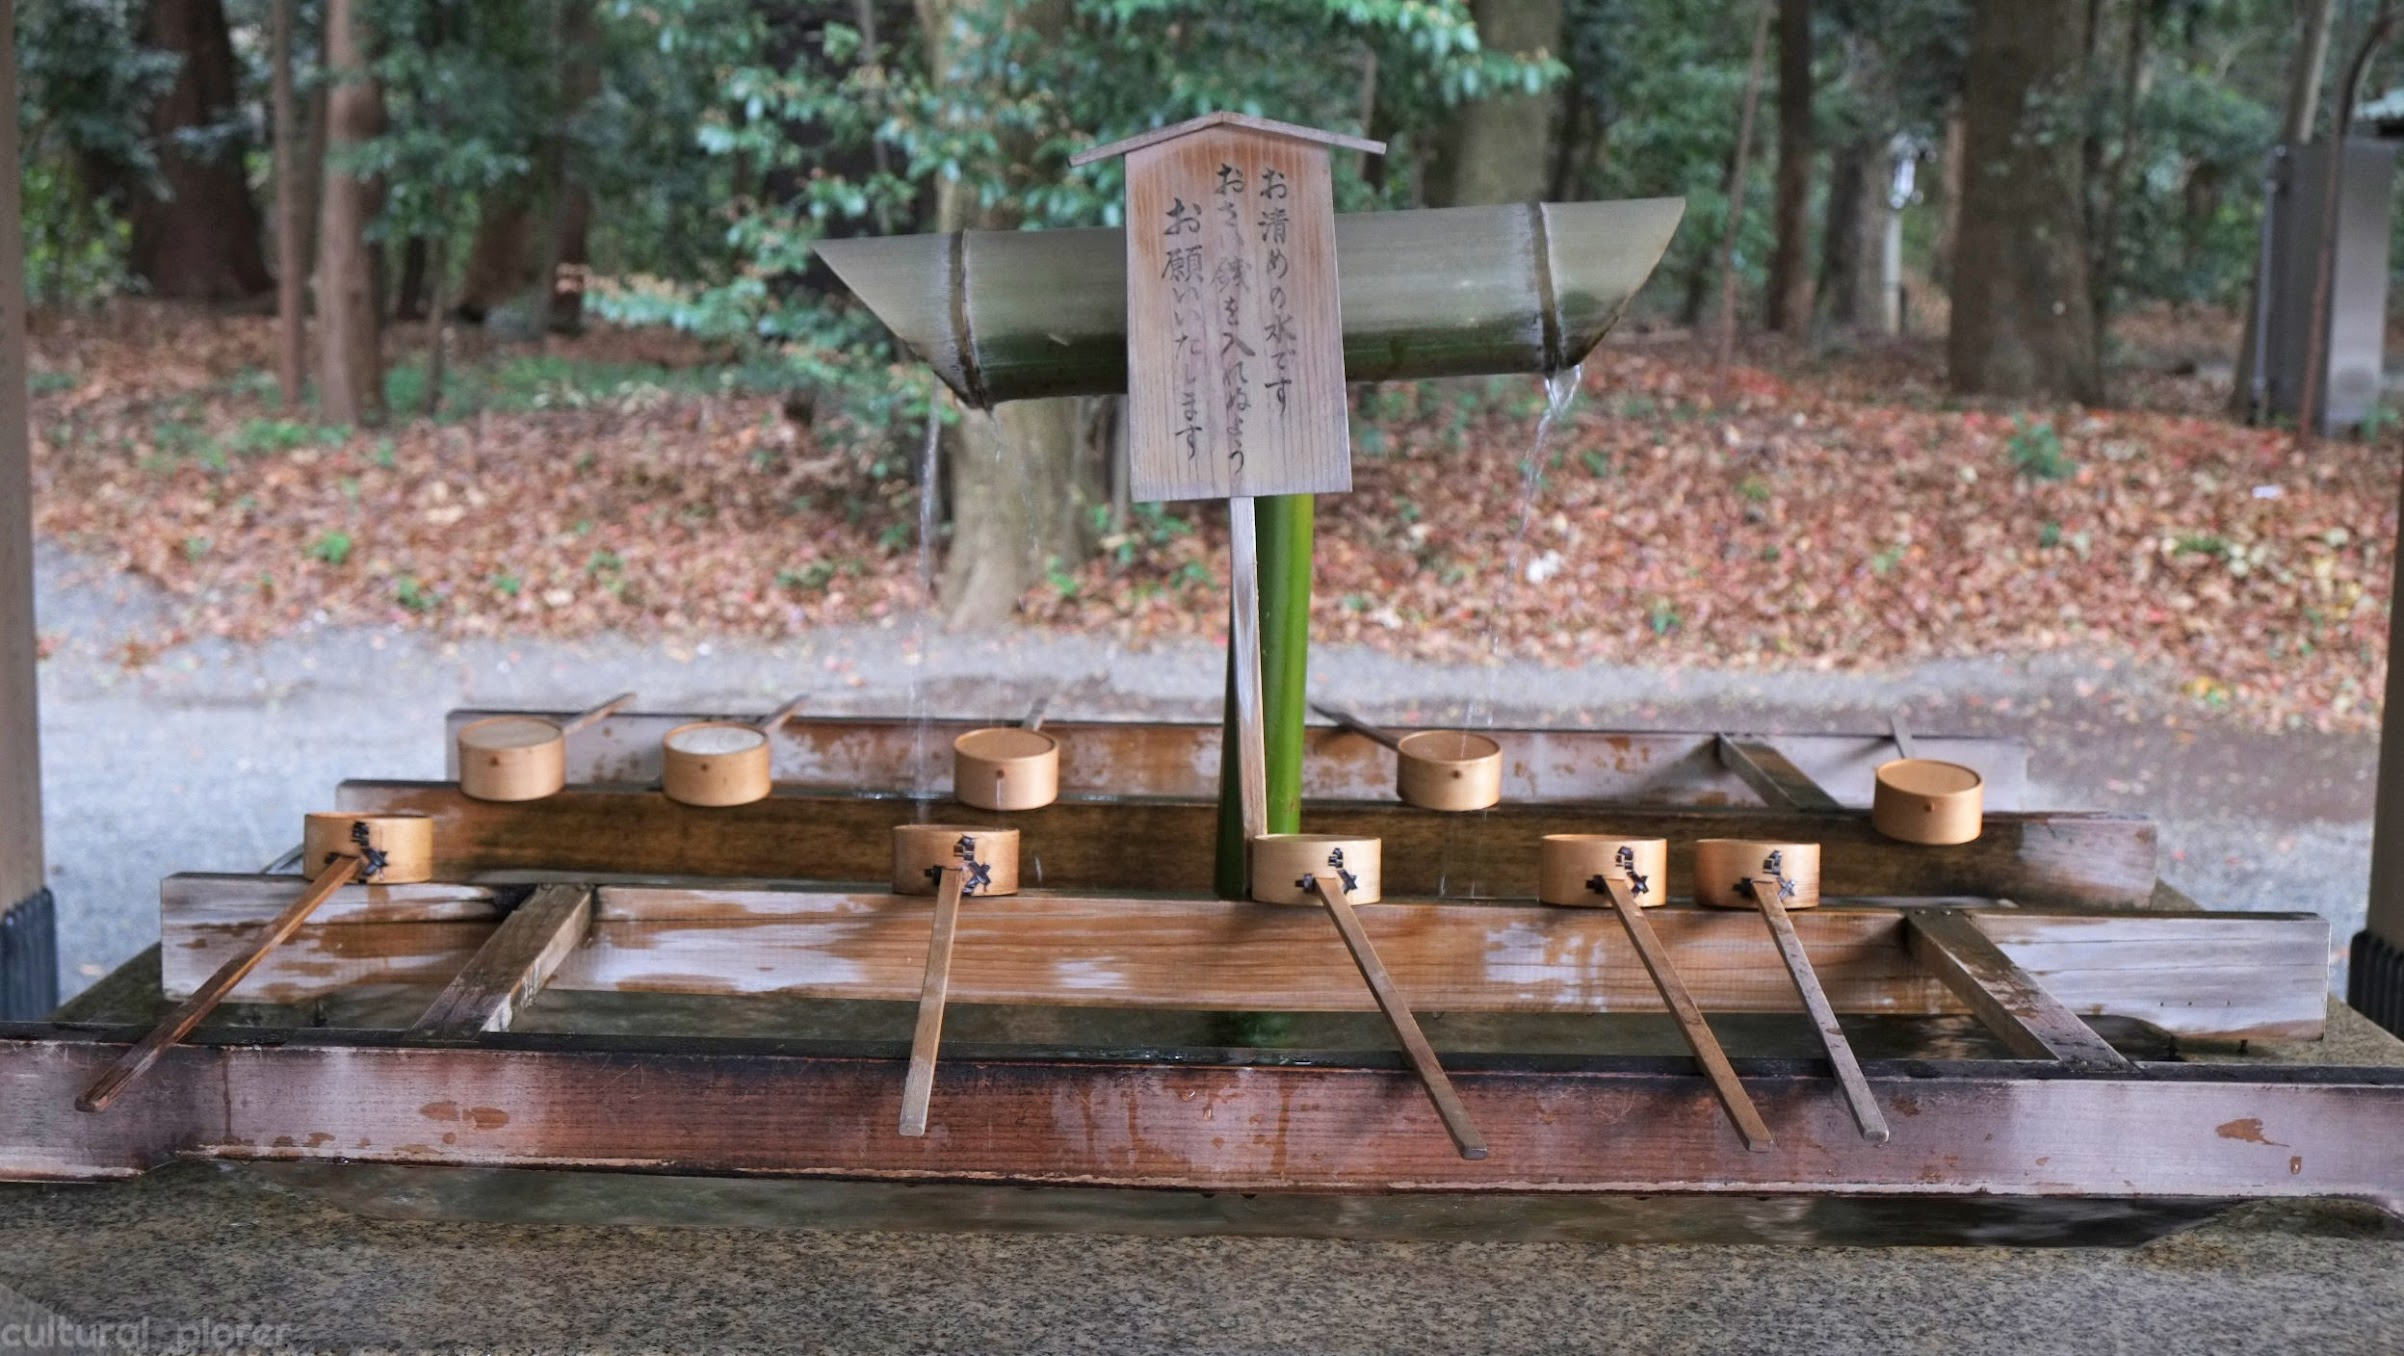 Yoyogi Park purifying station